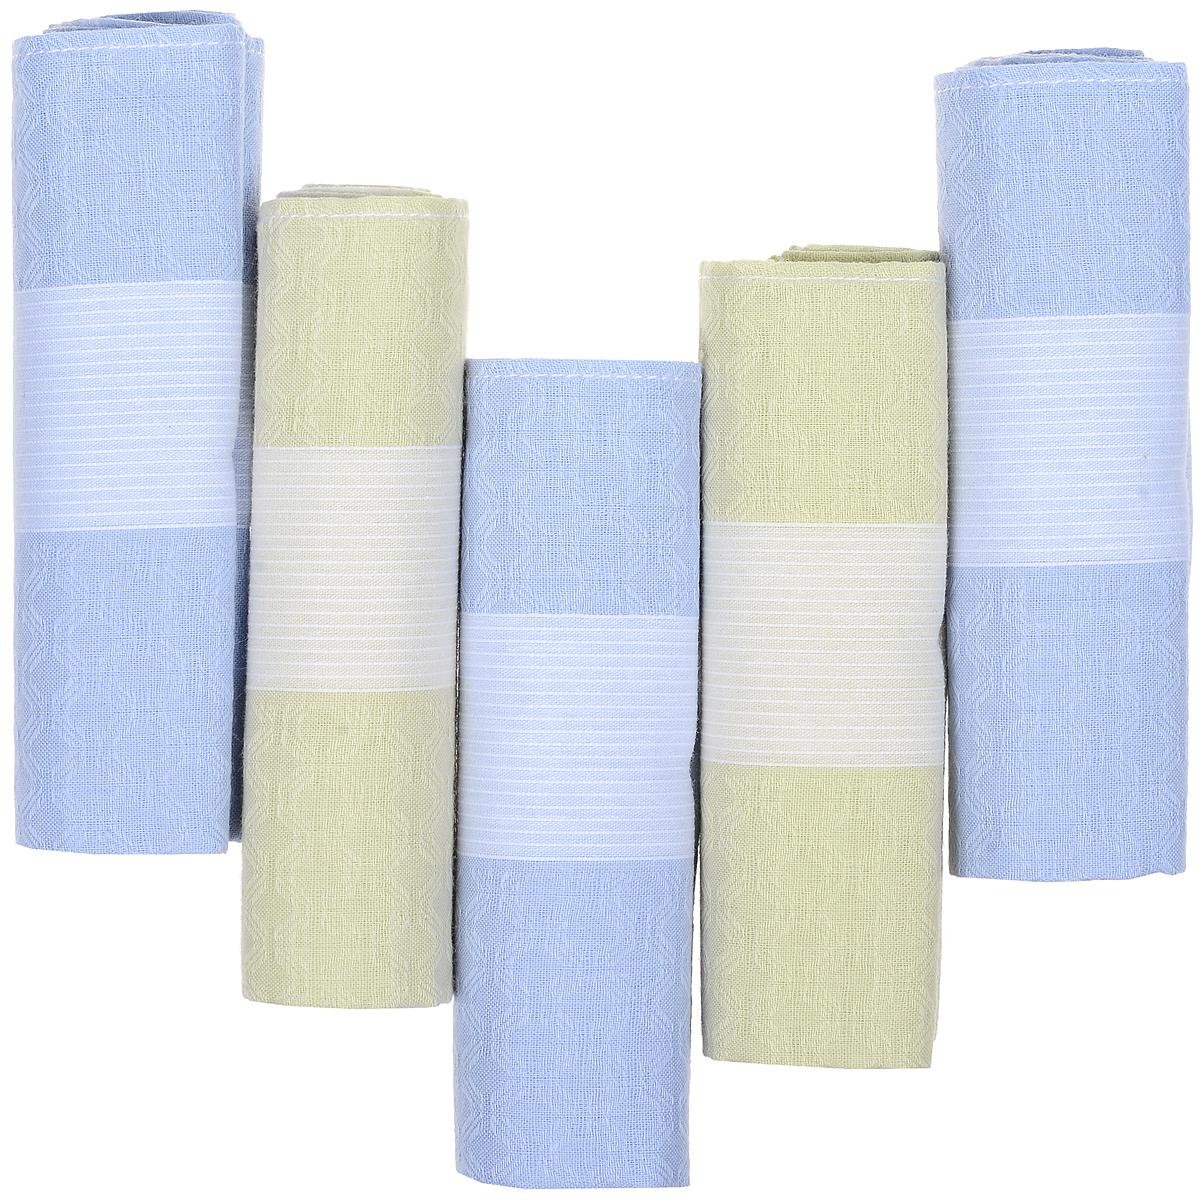 Платок носовой мужской Zlata Korunka, цвет: голубой, молочный, 5 шт. 90512-2. Размер 29 см х 29 см90512-2Оригинальный мужской носовой платок Zlata Korunka изготовлен из высококачественного натурального хлопка, благодаря чему приятен в использовании, хорошо стирается, не садится и отлично впитывает влагу. Практичный и изящный носовой платок будет незаменим в повседневной жизни любого современного человека. Такой платок послужит стильным аксессуаром и подчеркнет ваше превосходное чувство вкуса. В комплекте 5 платков.